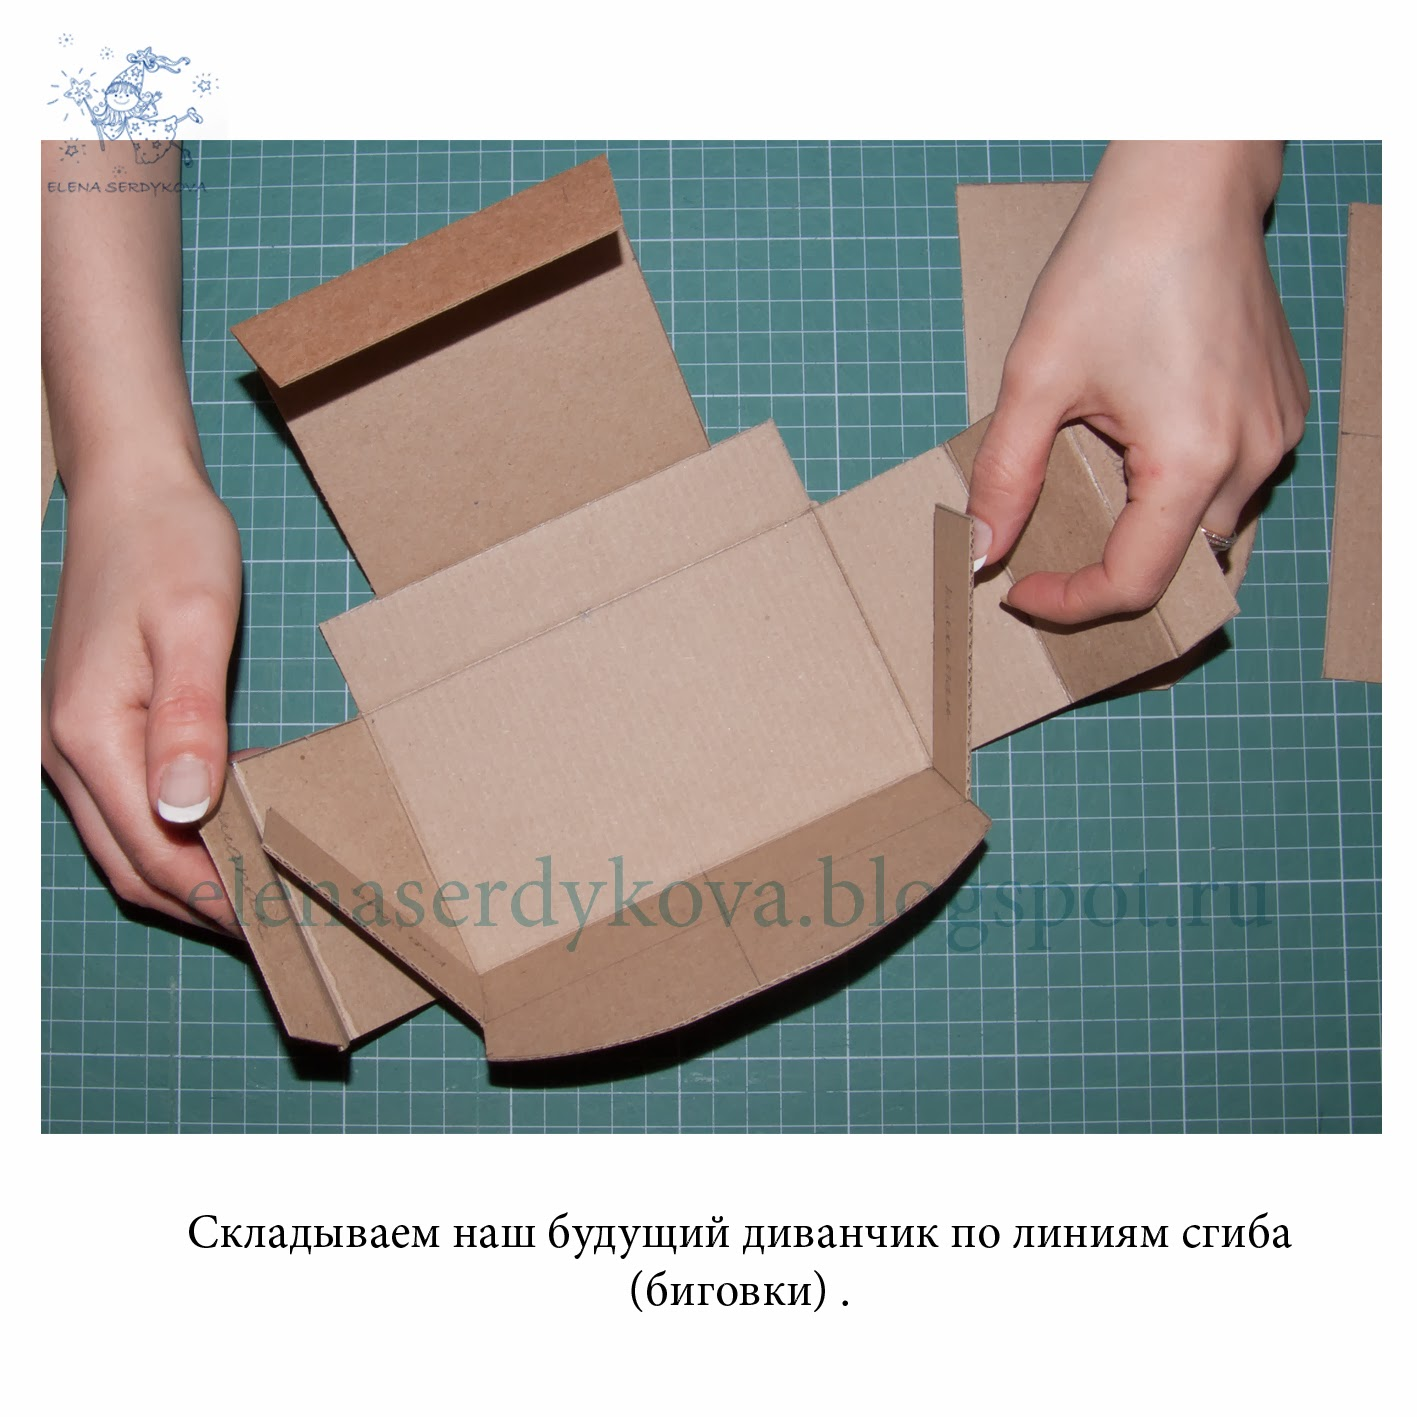 Биговка картона своими руками